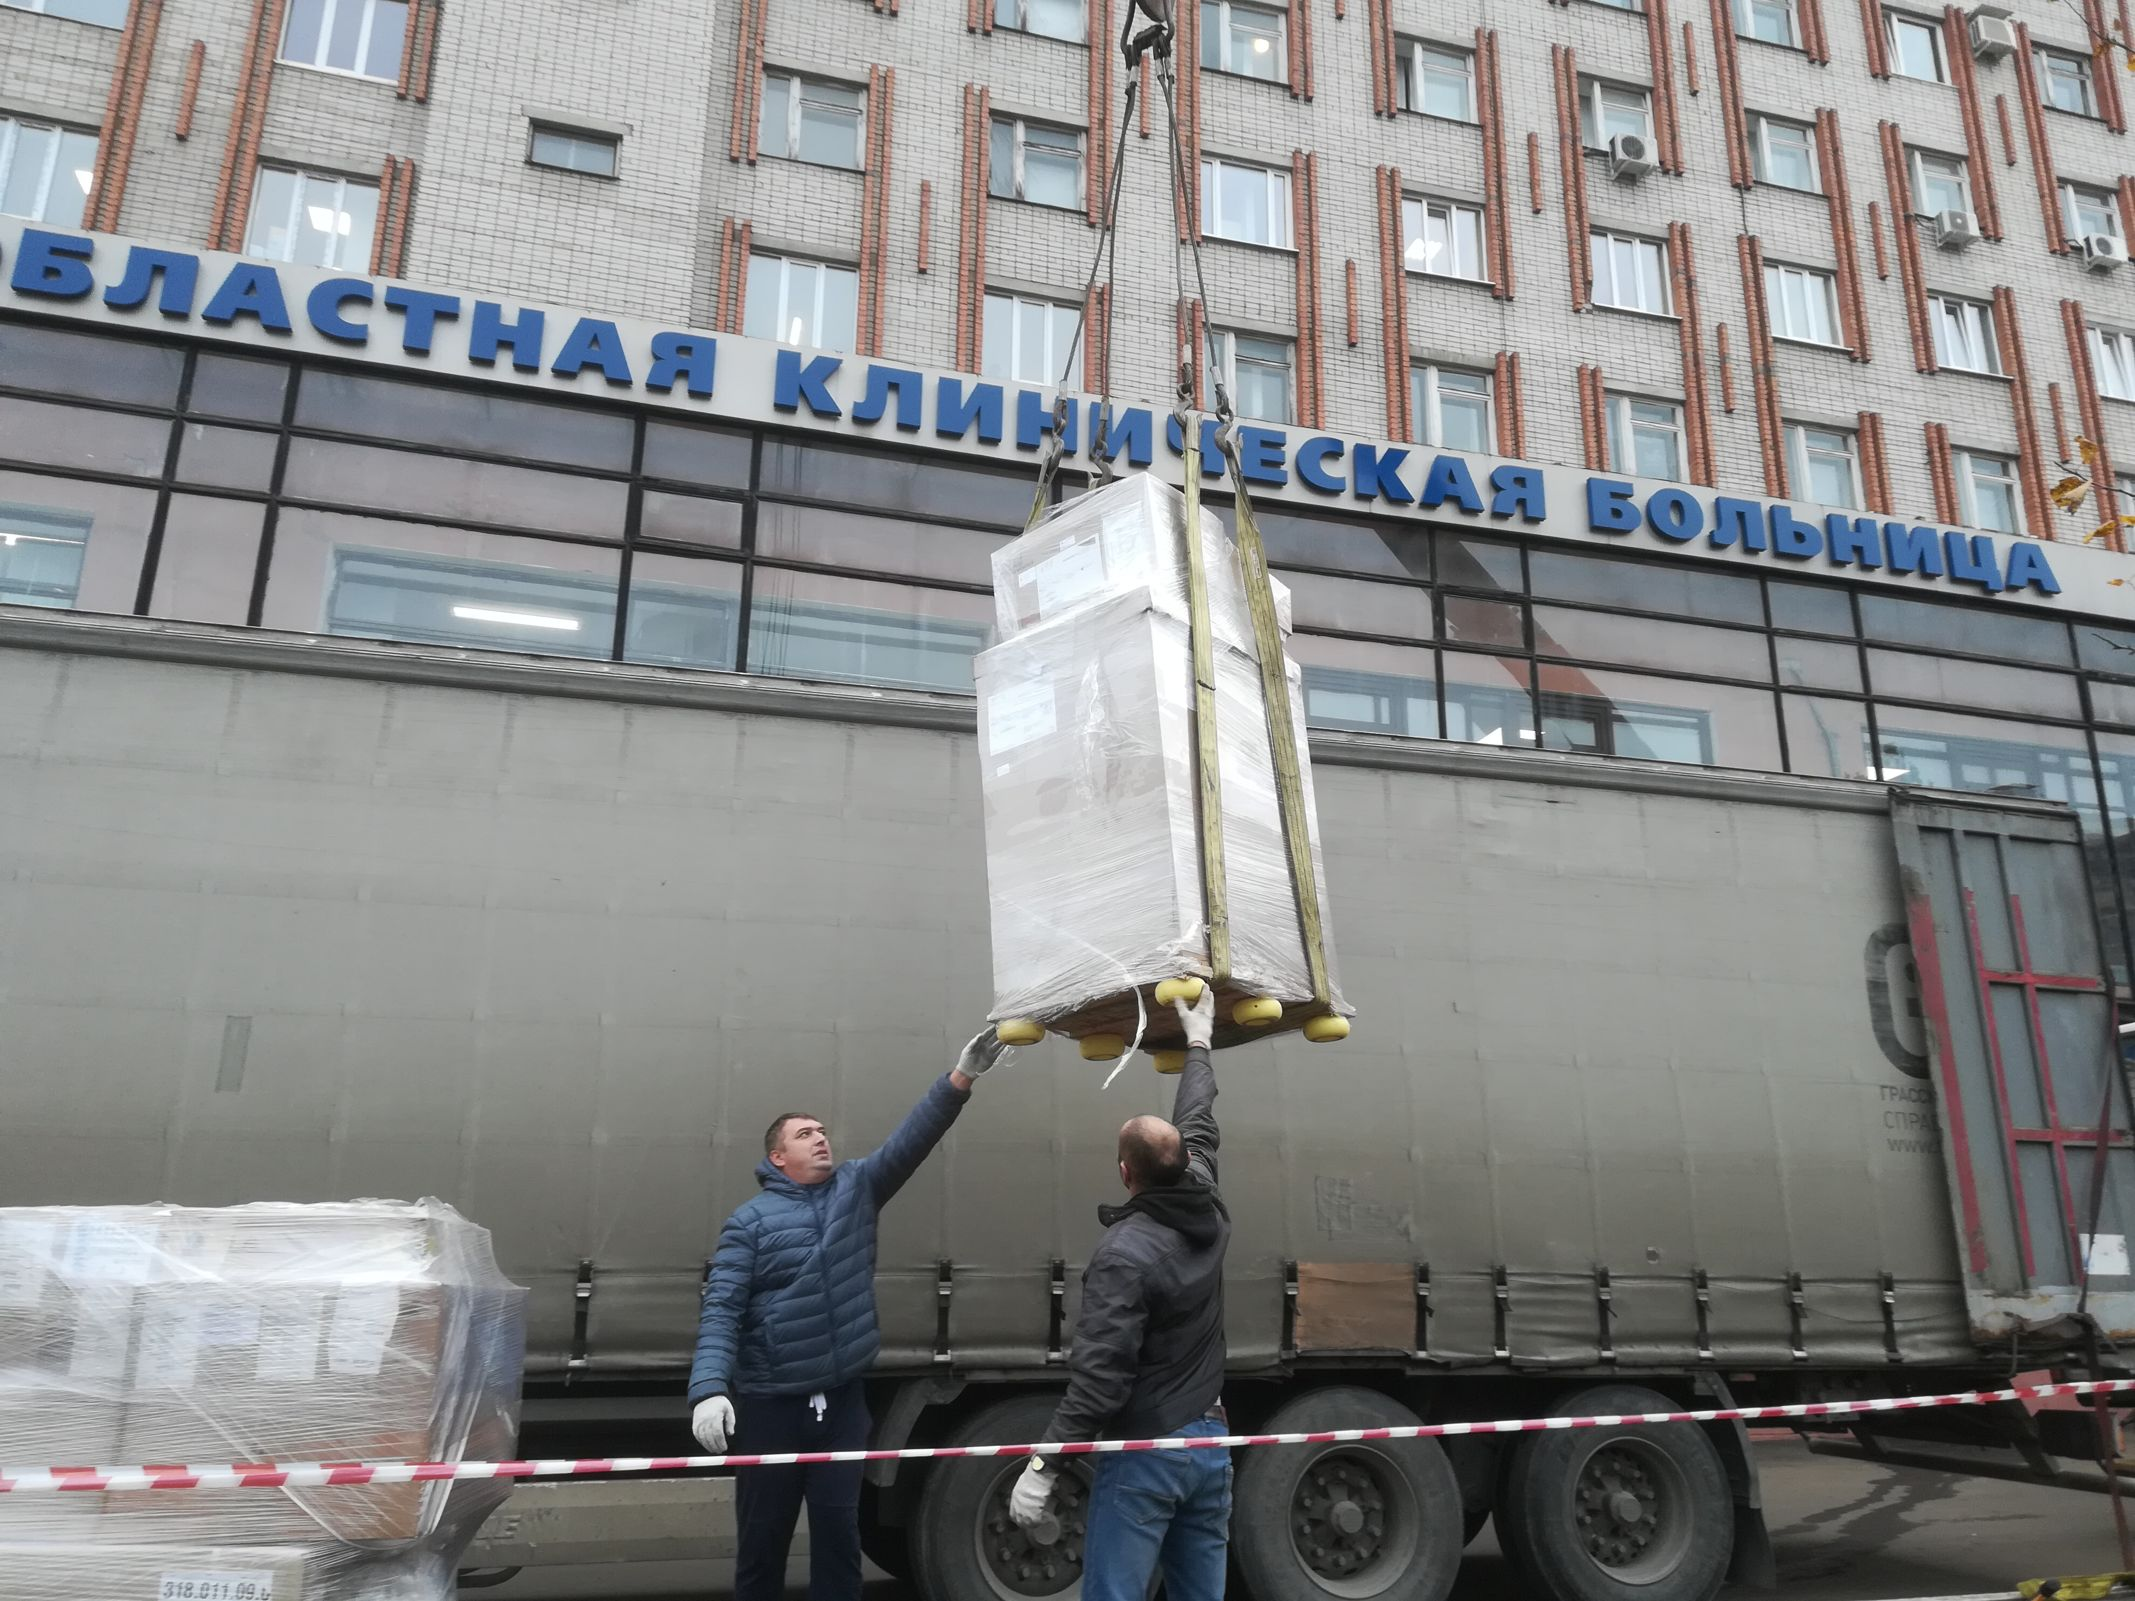 В областную больницу в Ярославле привезли современную установку за 55 миллионов рублей